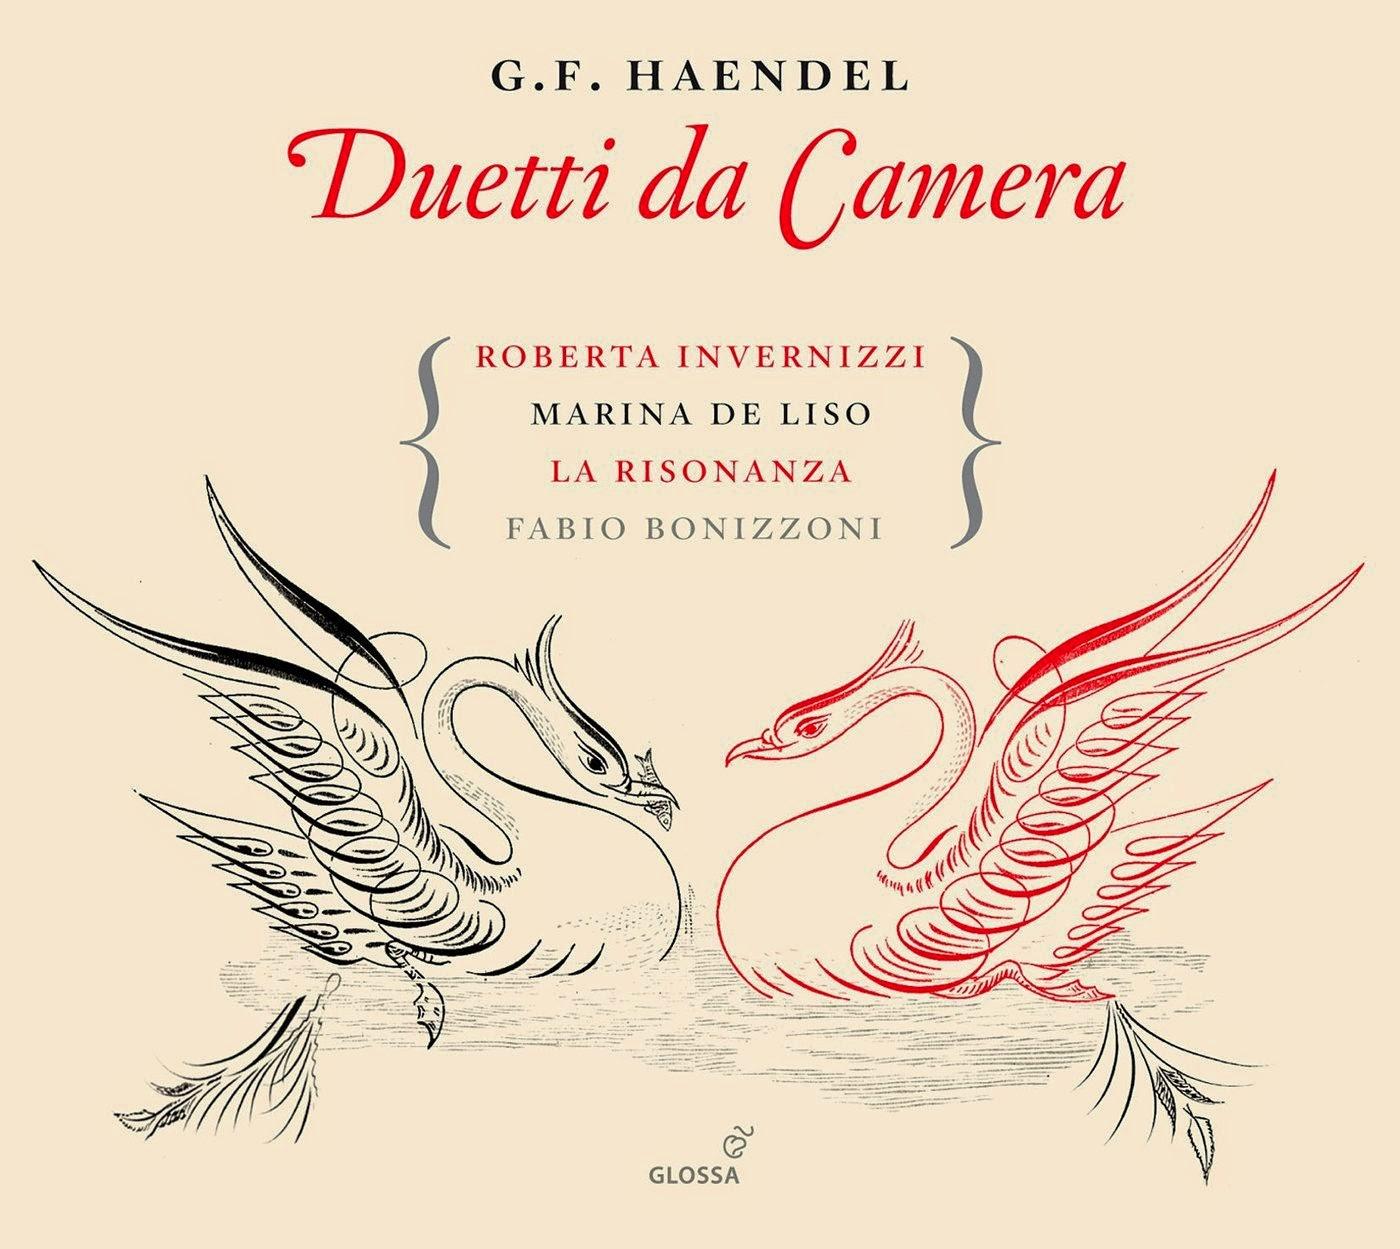 Handel - Duetti da Camera: La Risonanza